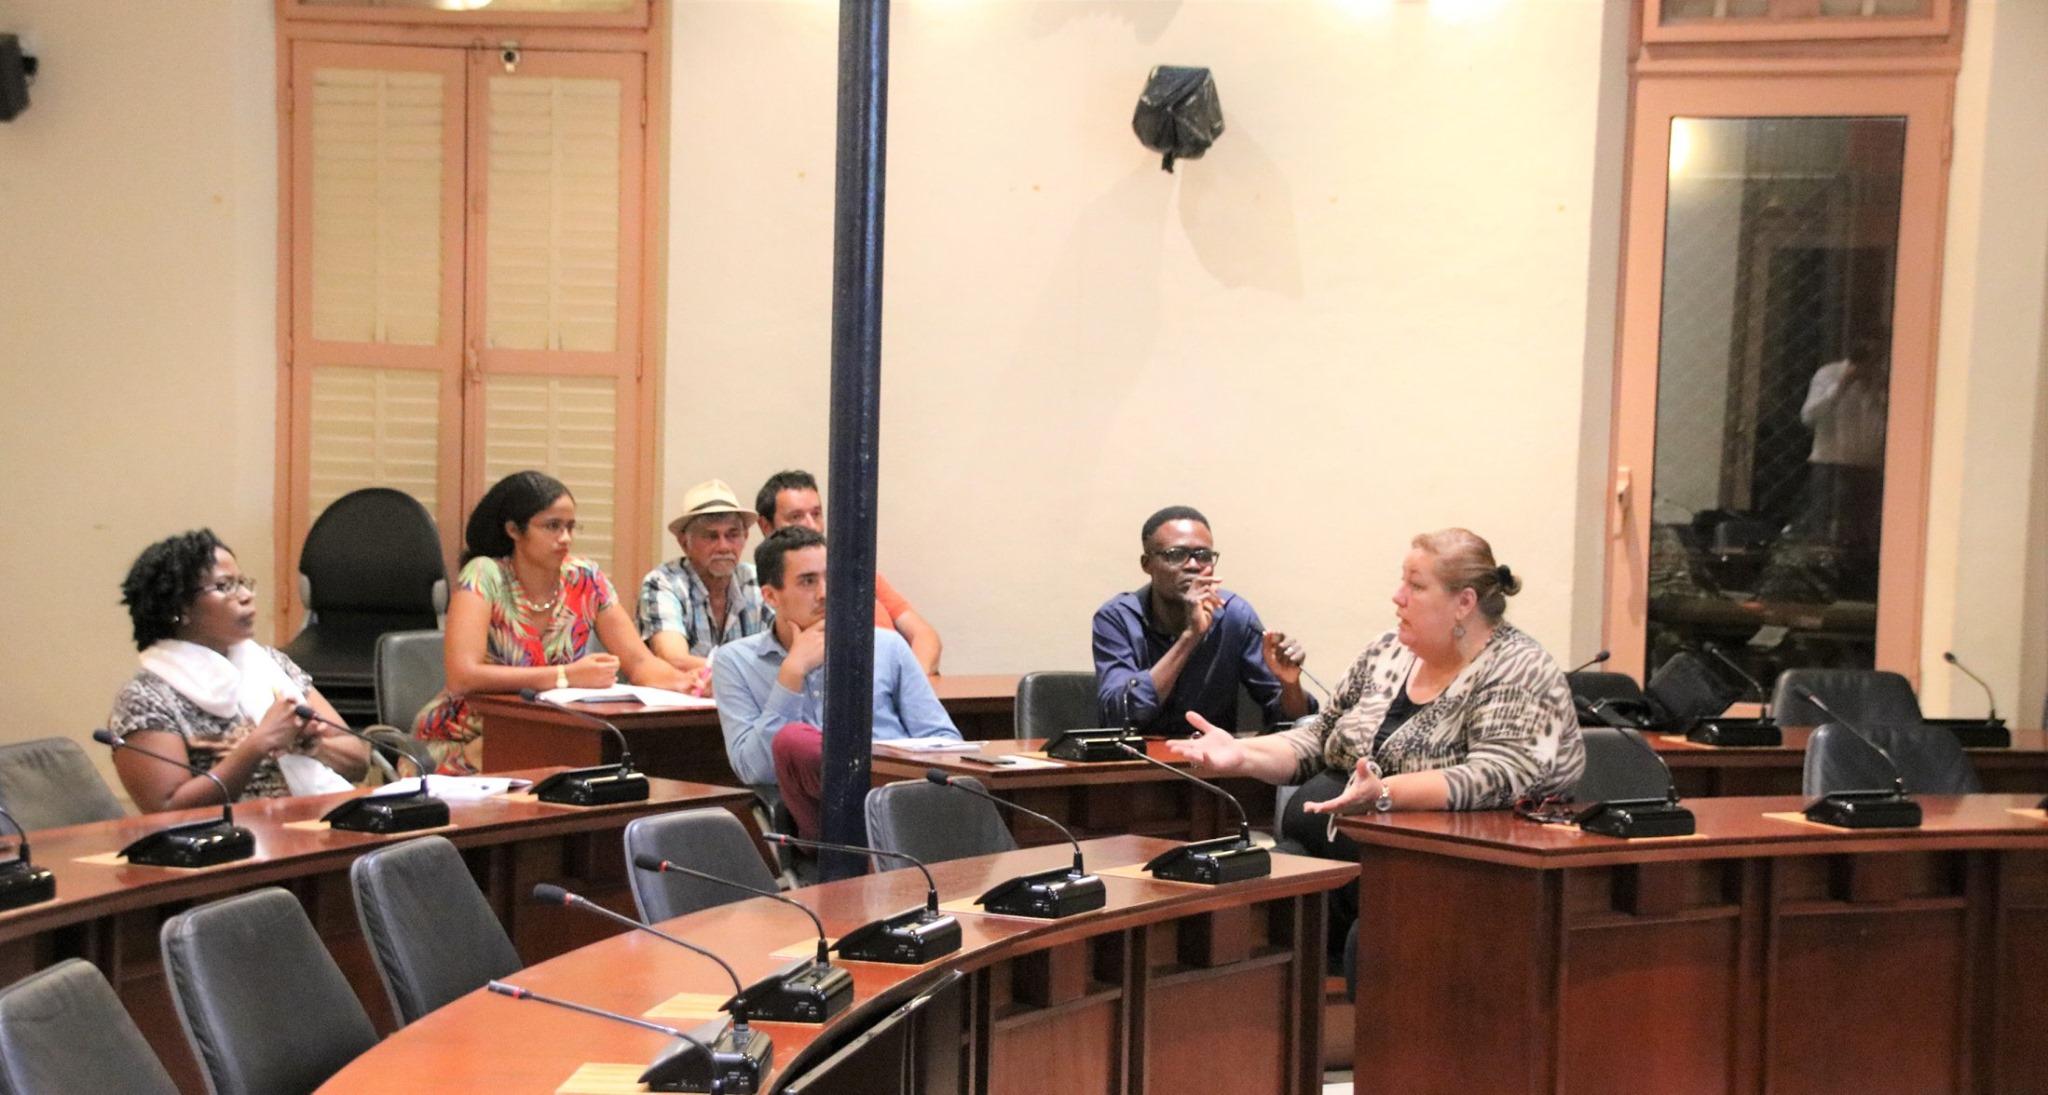 [Plan local d'urbanisme] : retour sur la réunion publique d'information du 13 juin